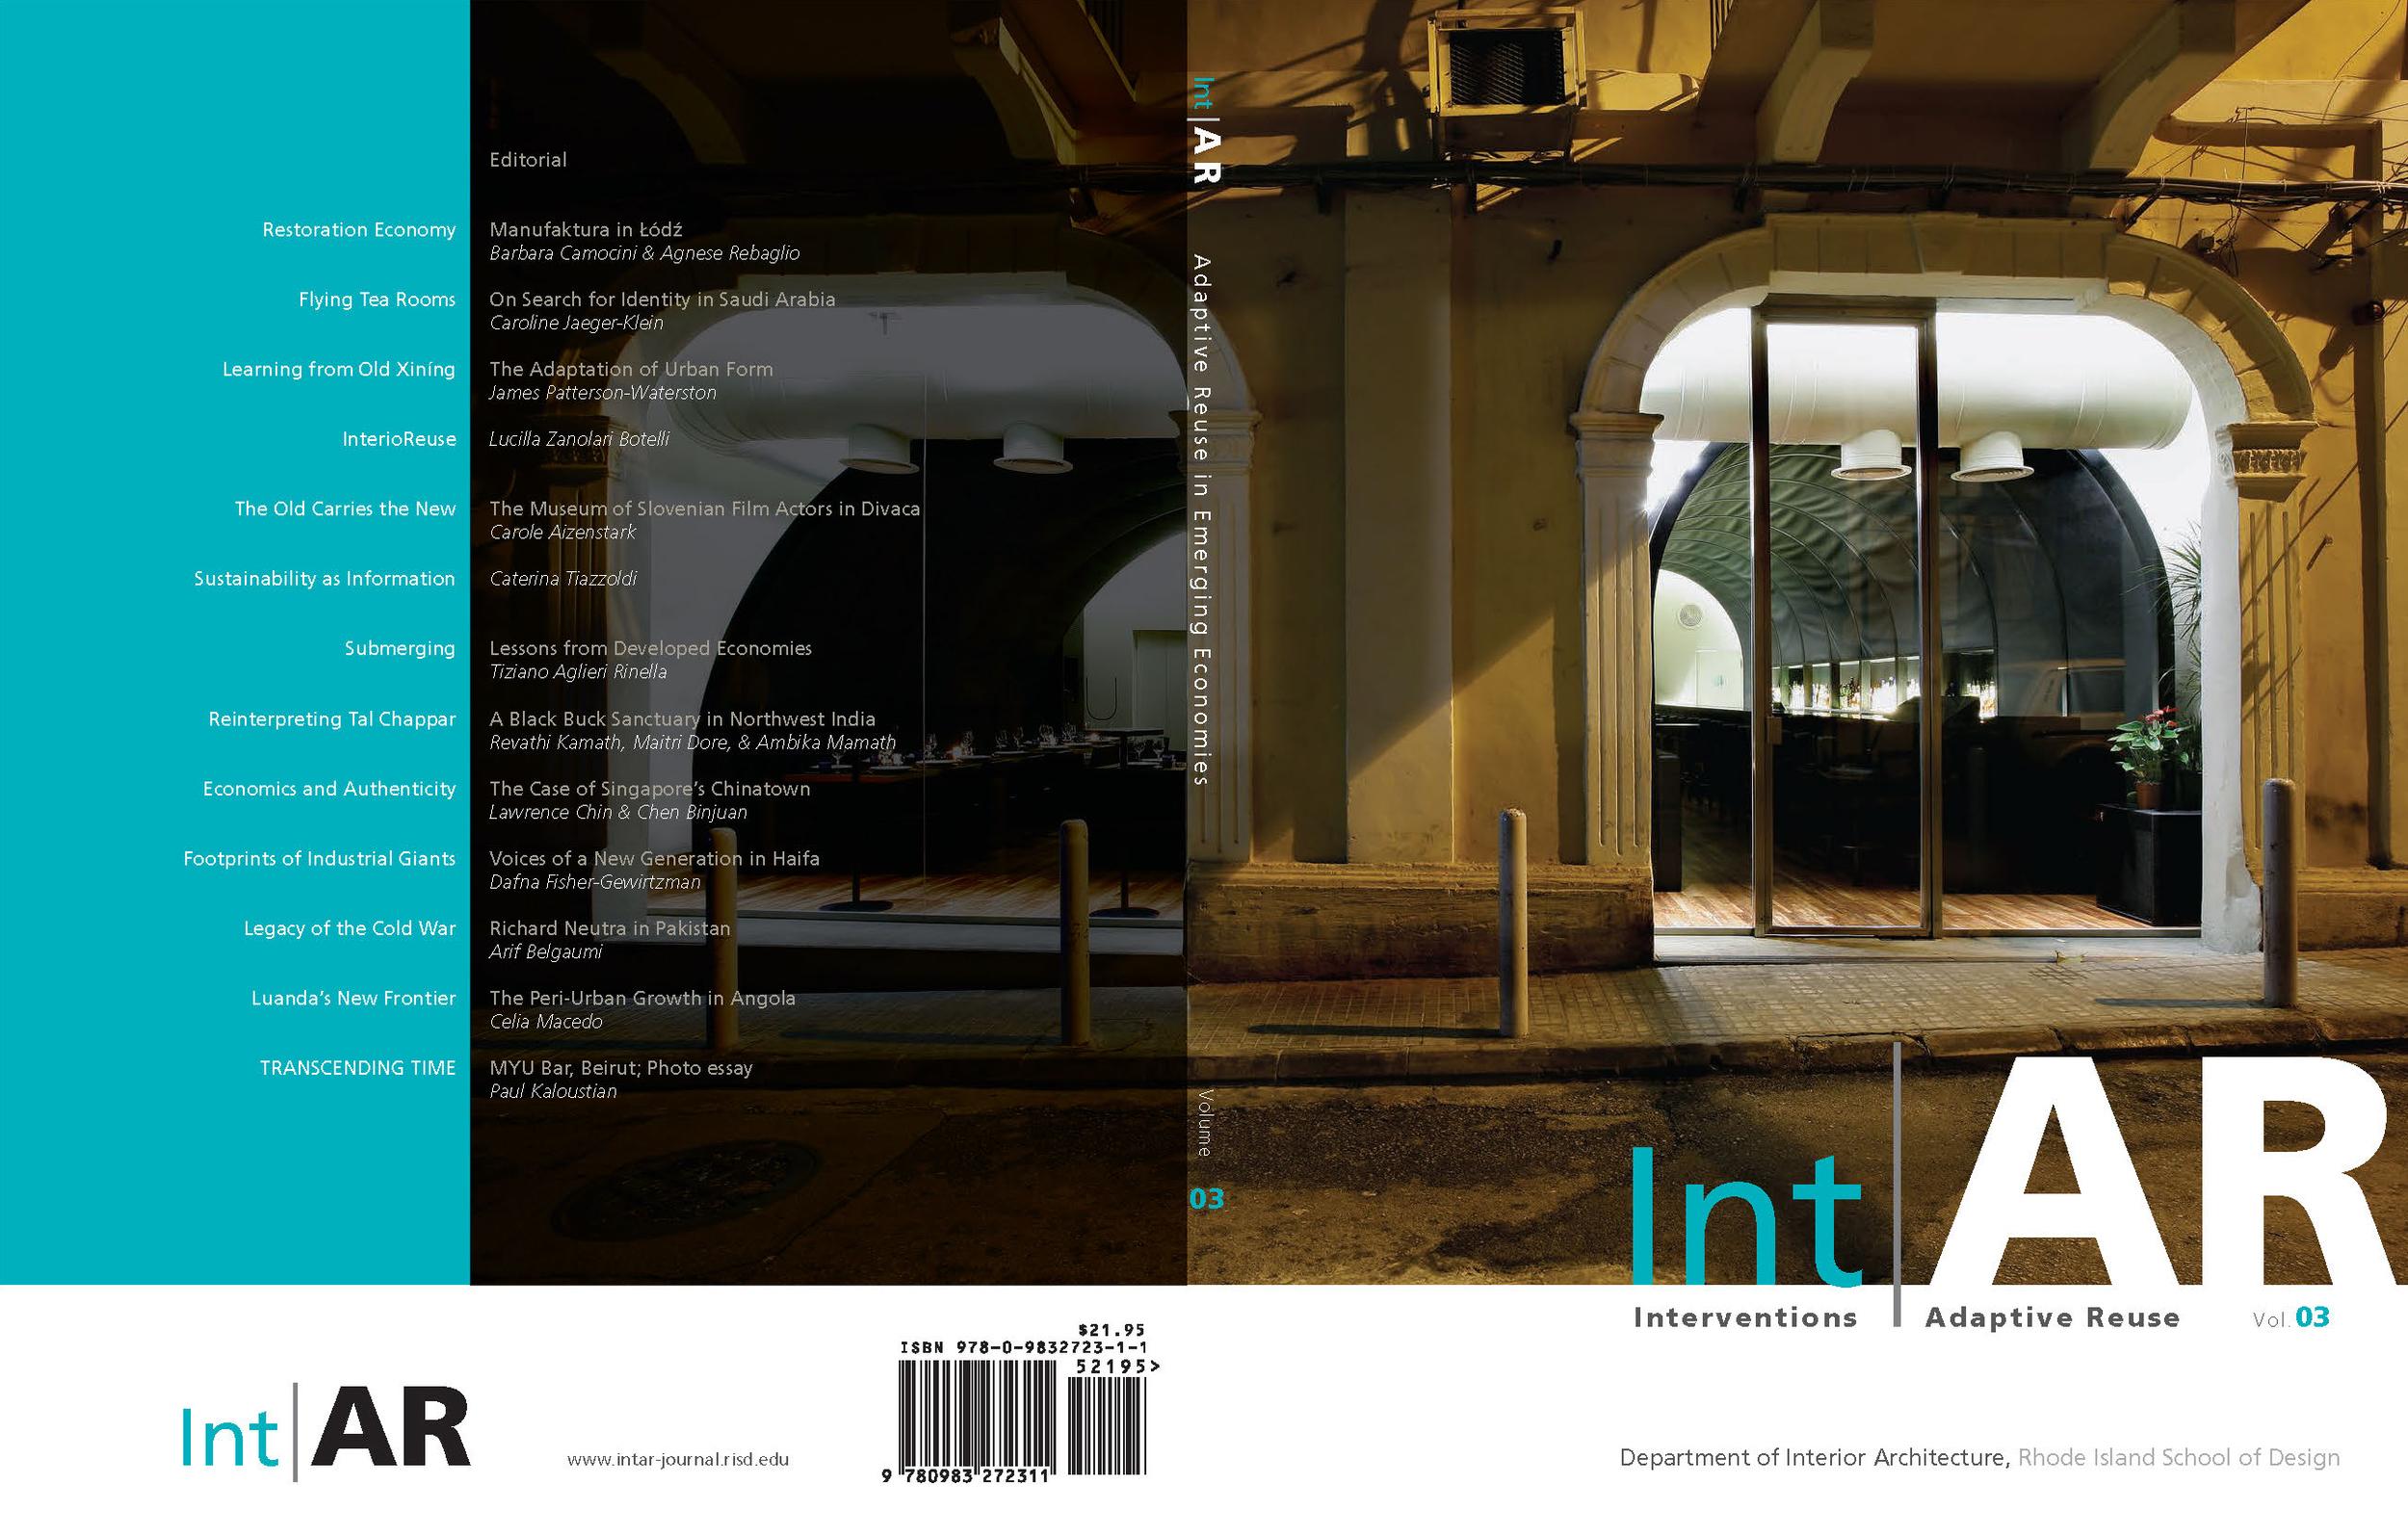 V03-IntARJournal_Cover.jpg